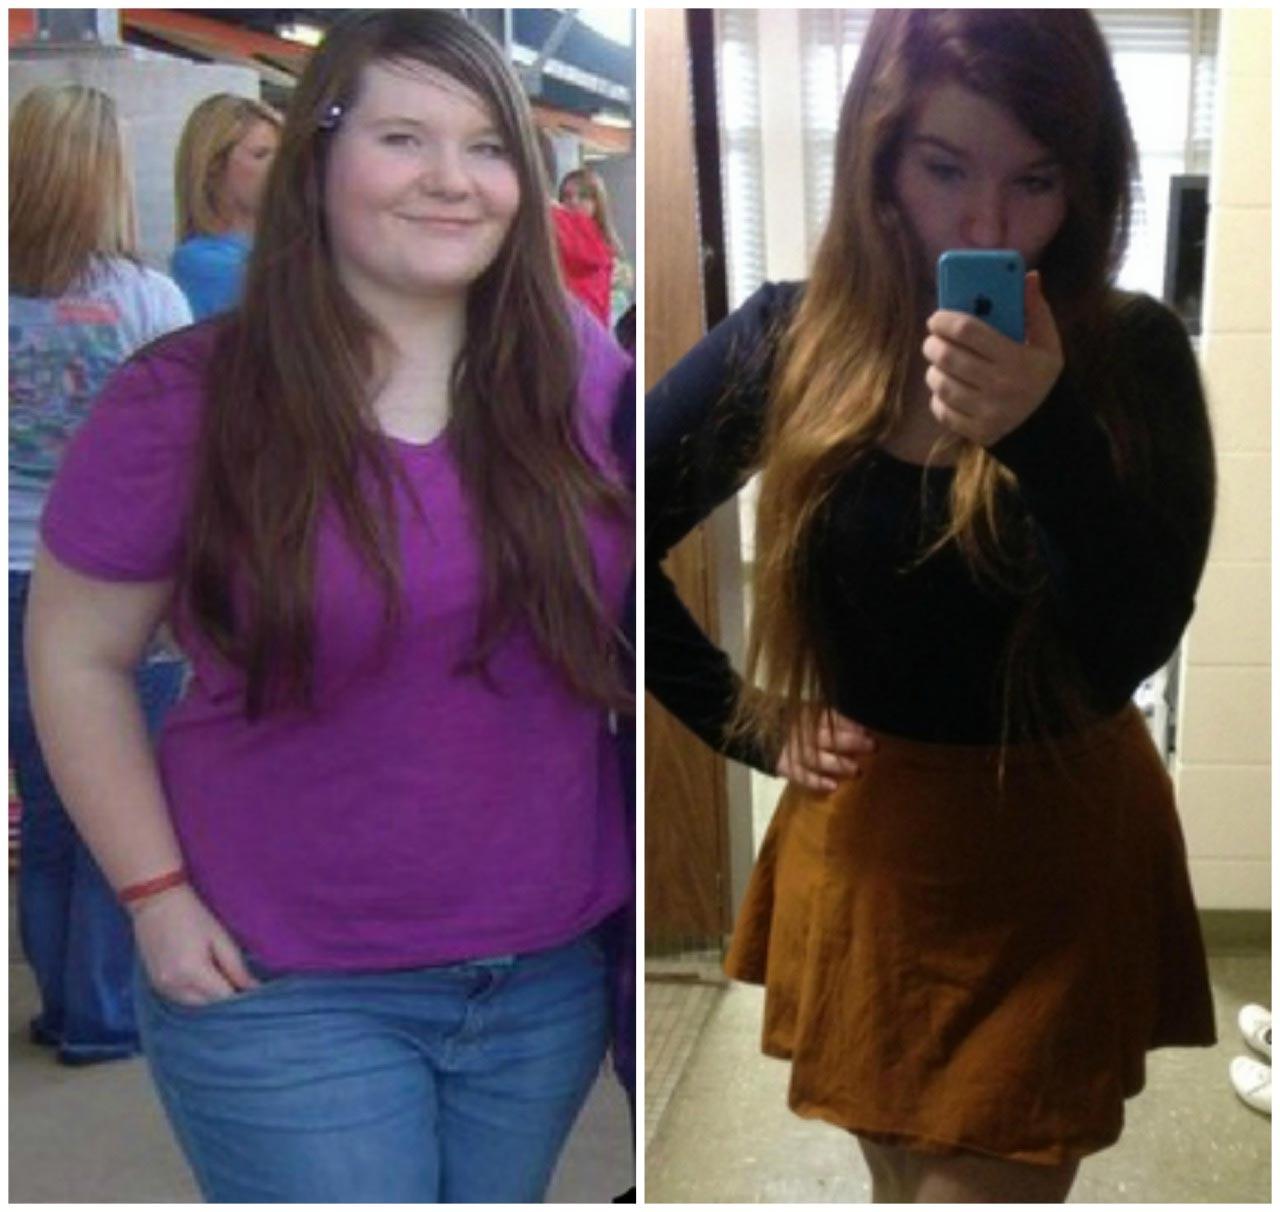 laura pierde în greutate